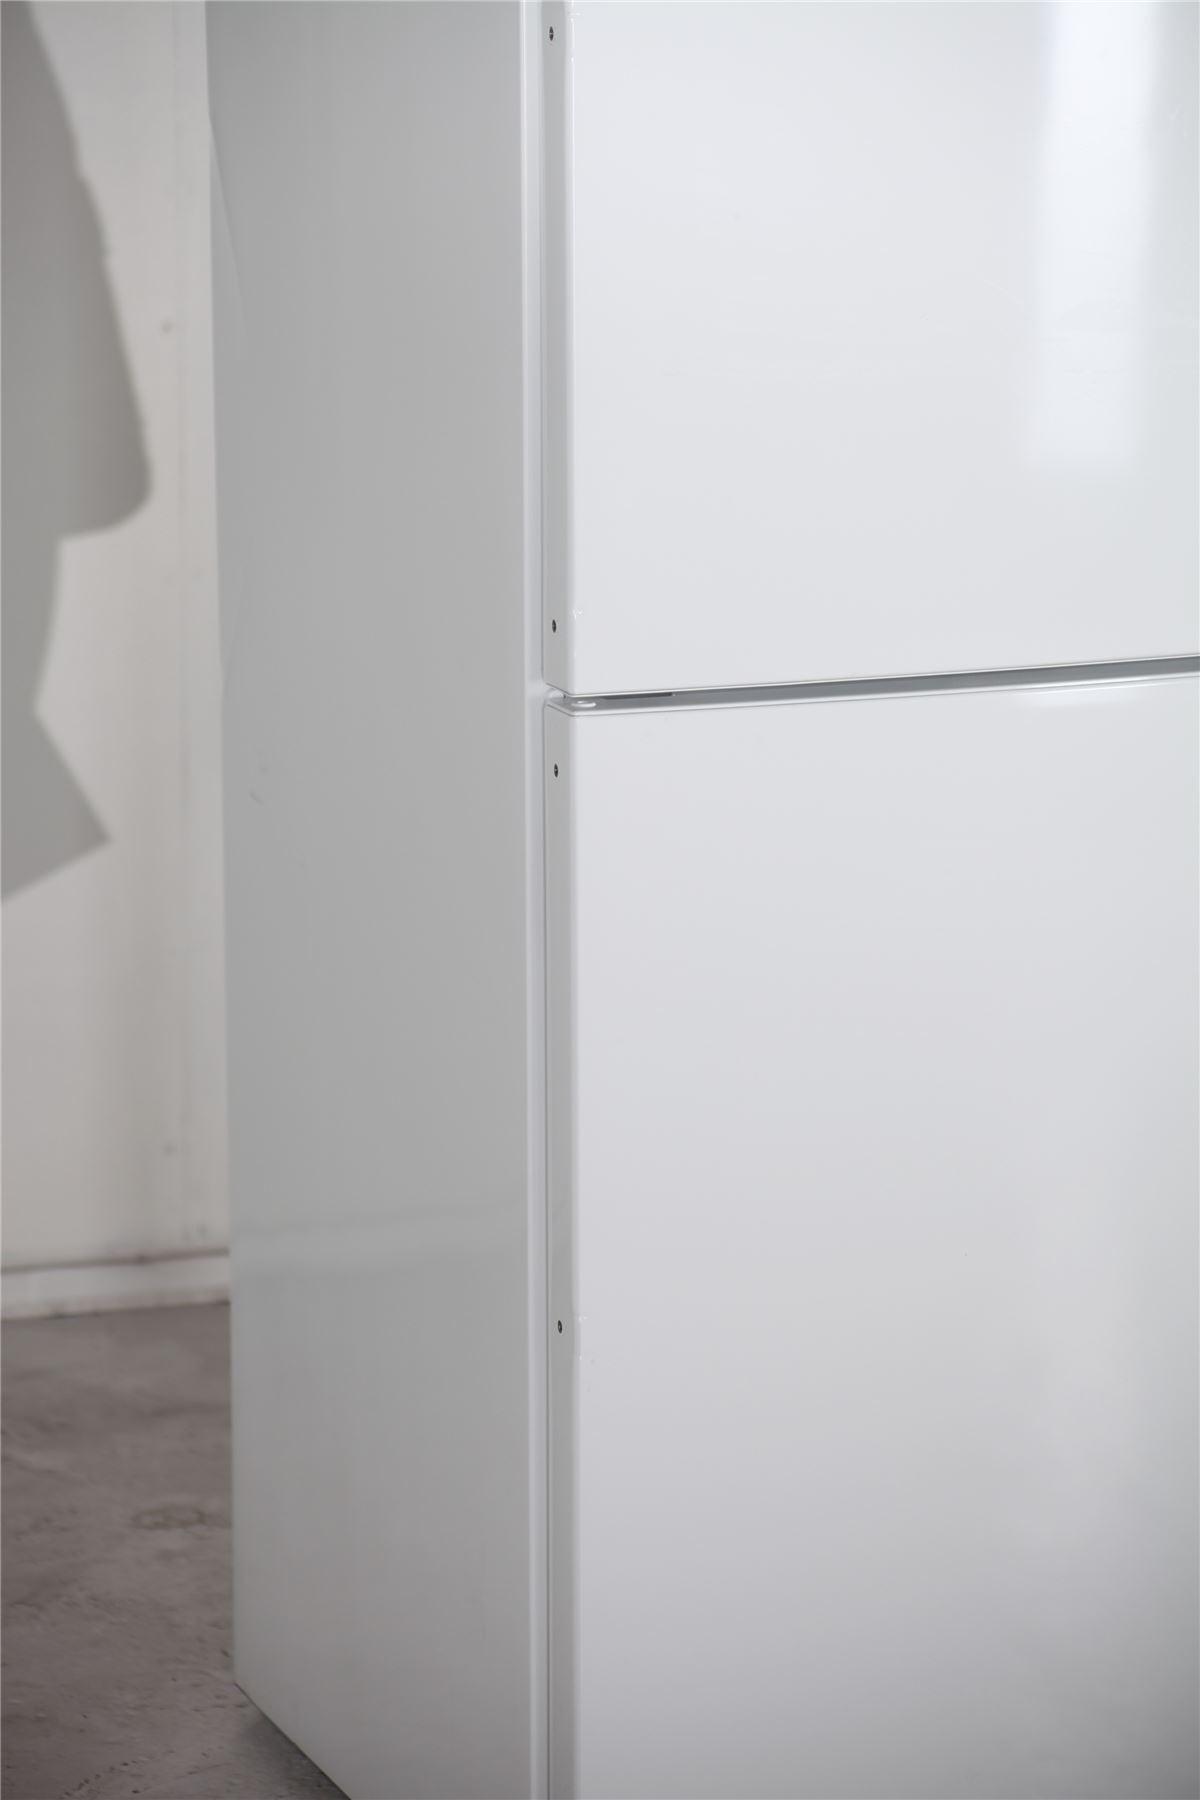 preloved samsung fridge freezer rb29fwjndsa white. Black Bedroom Furniture Sets. Home Design Ideas